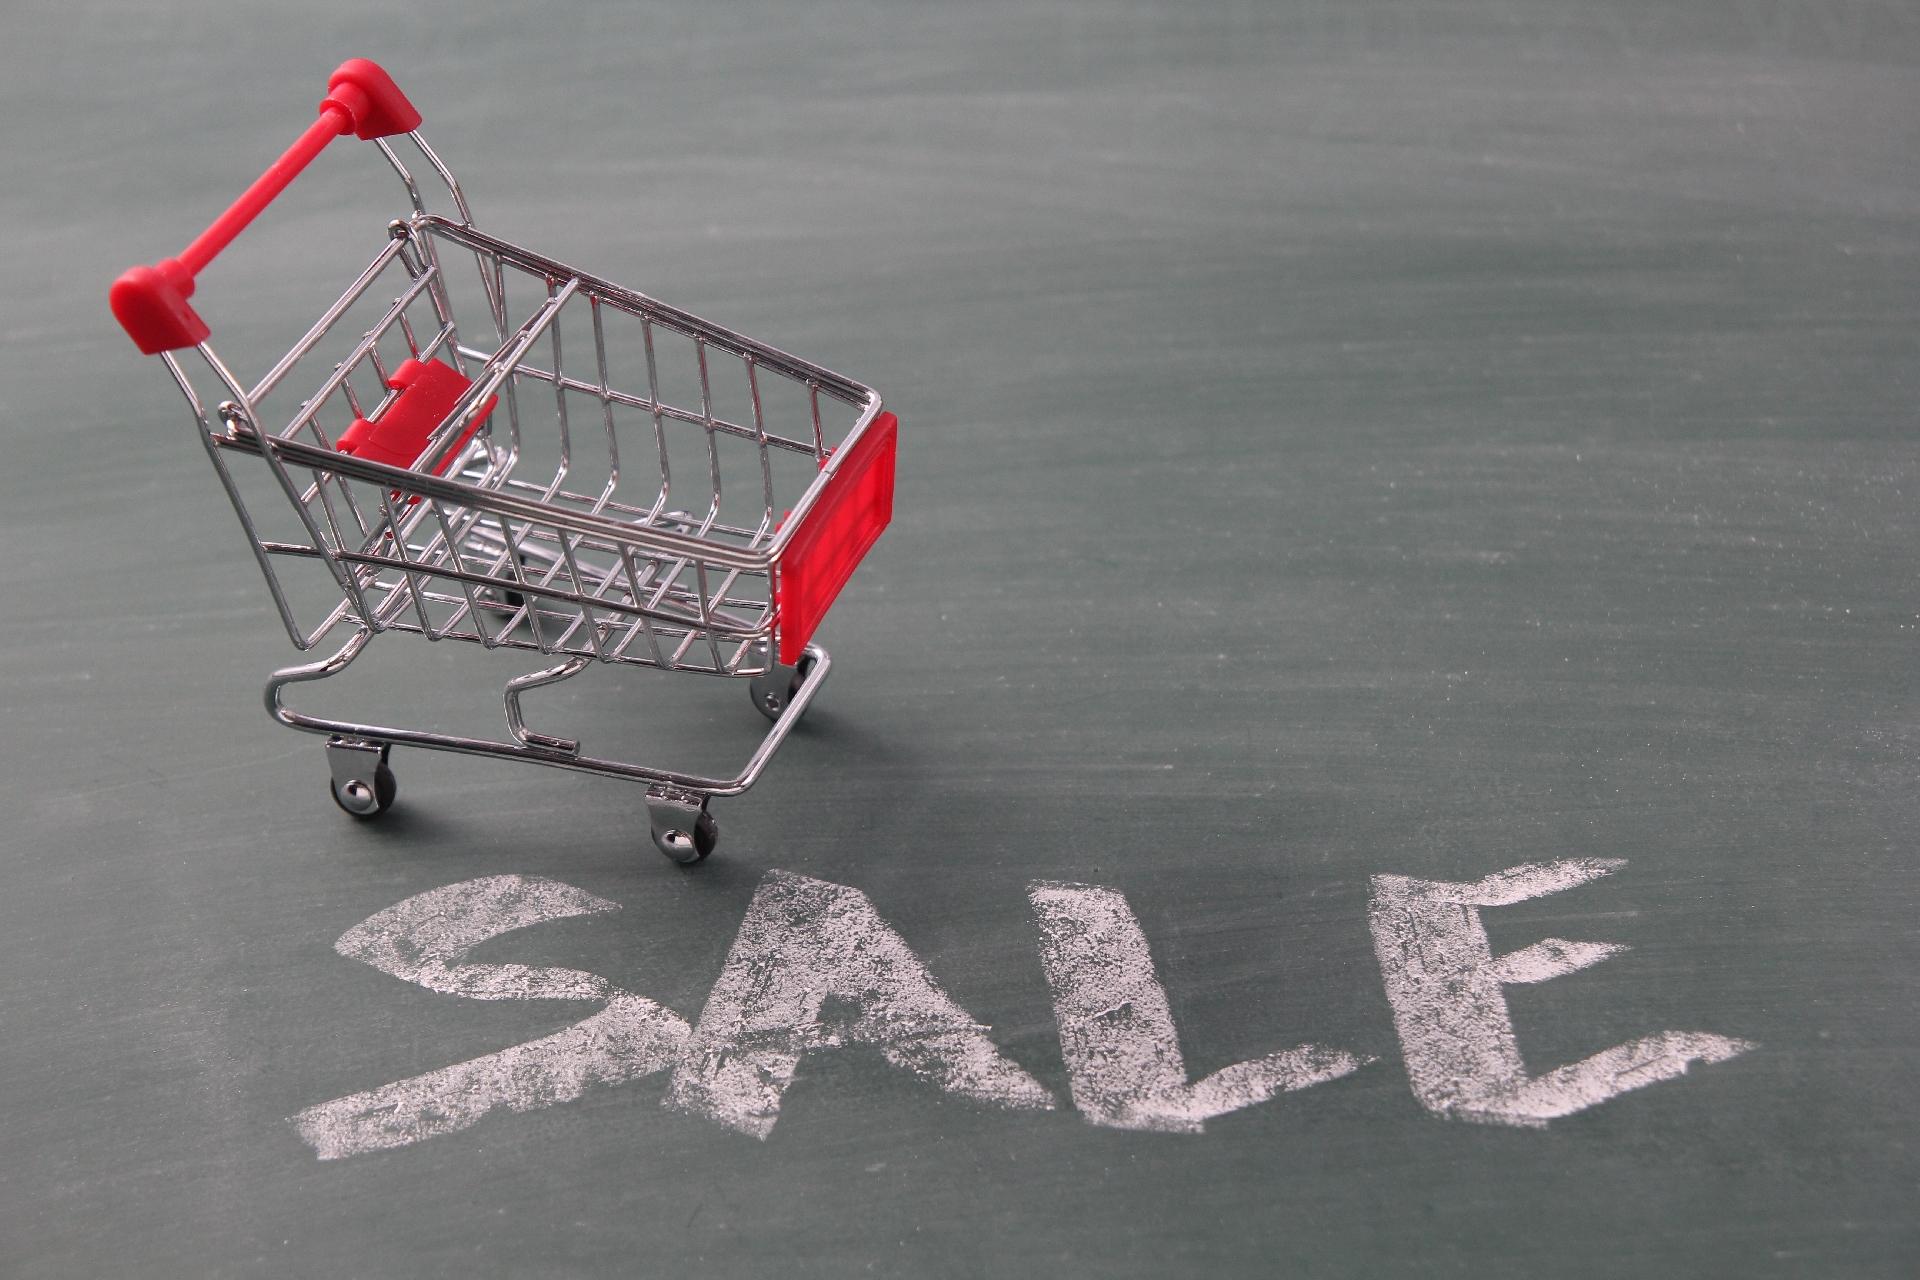 増税後の消費者行動を株式会社カウネットが調査 安いECサイトやセールの利用をする消費者が増加